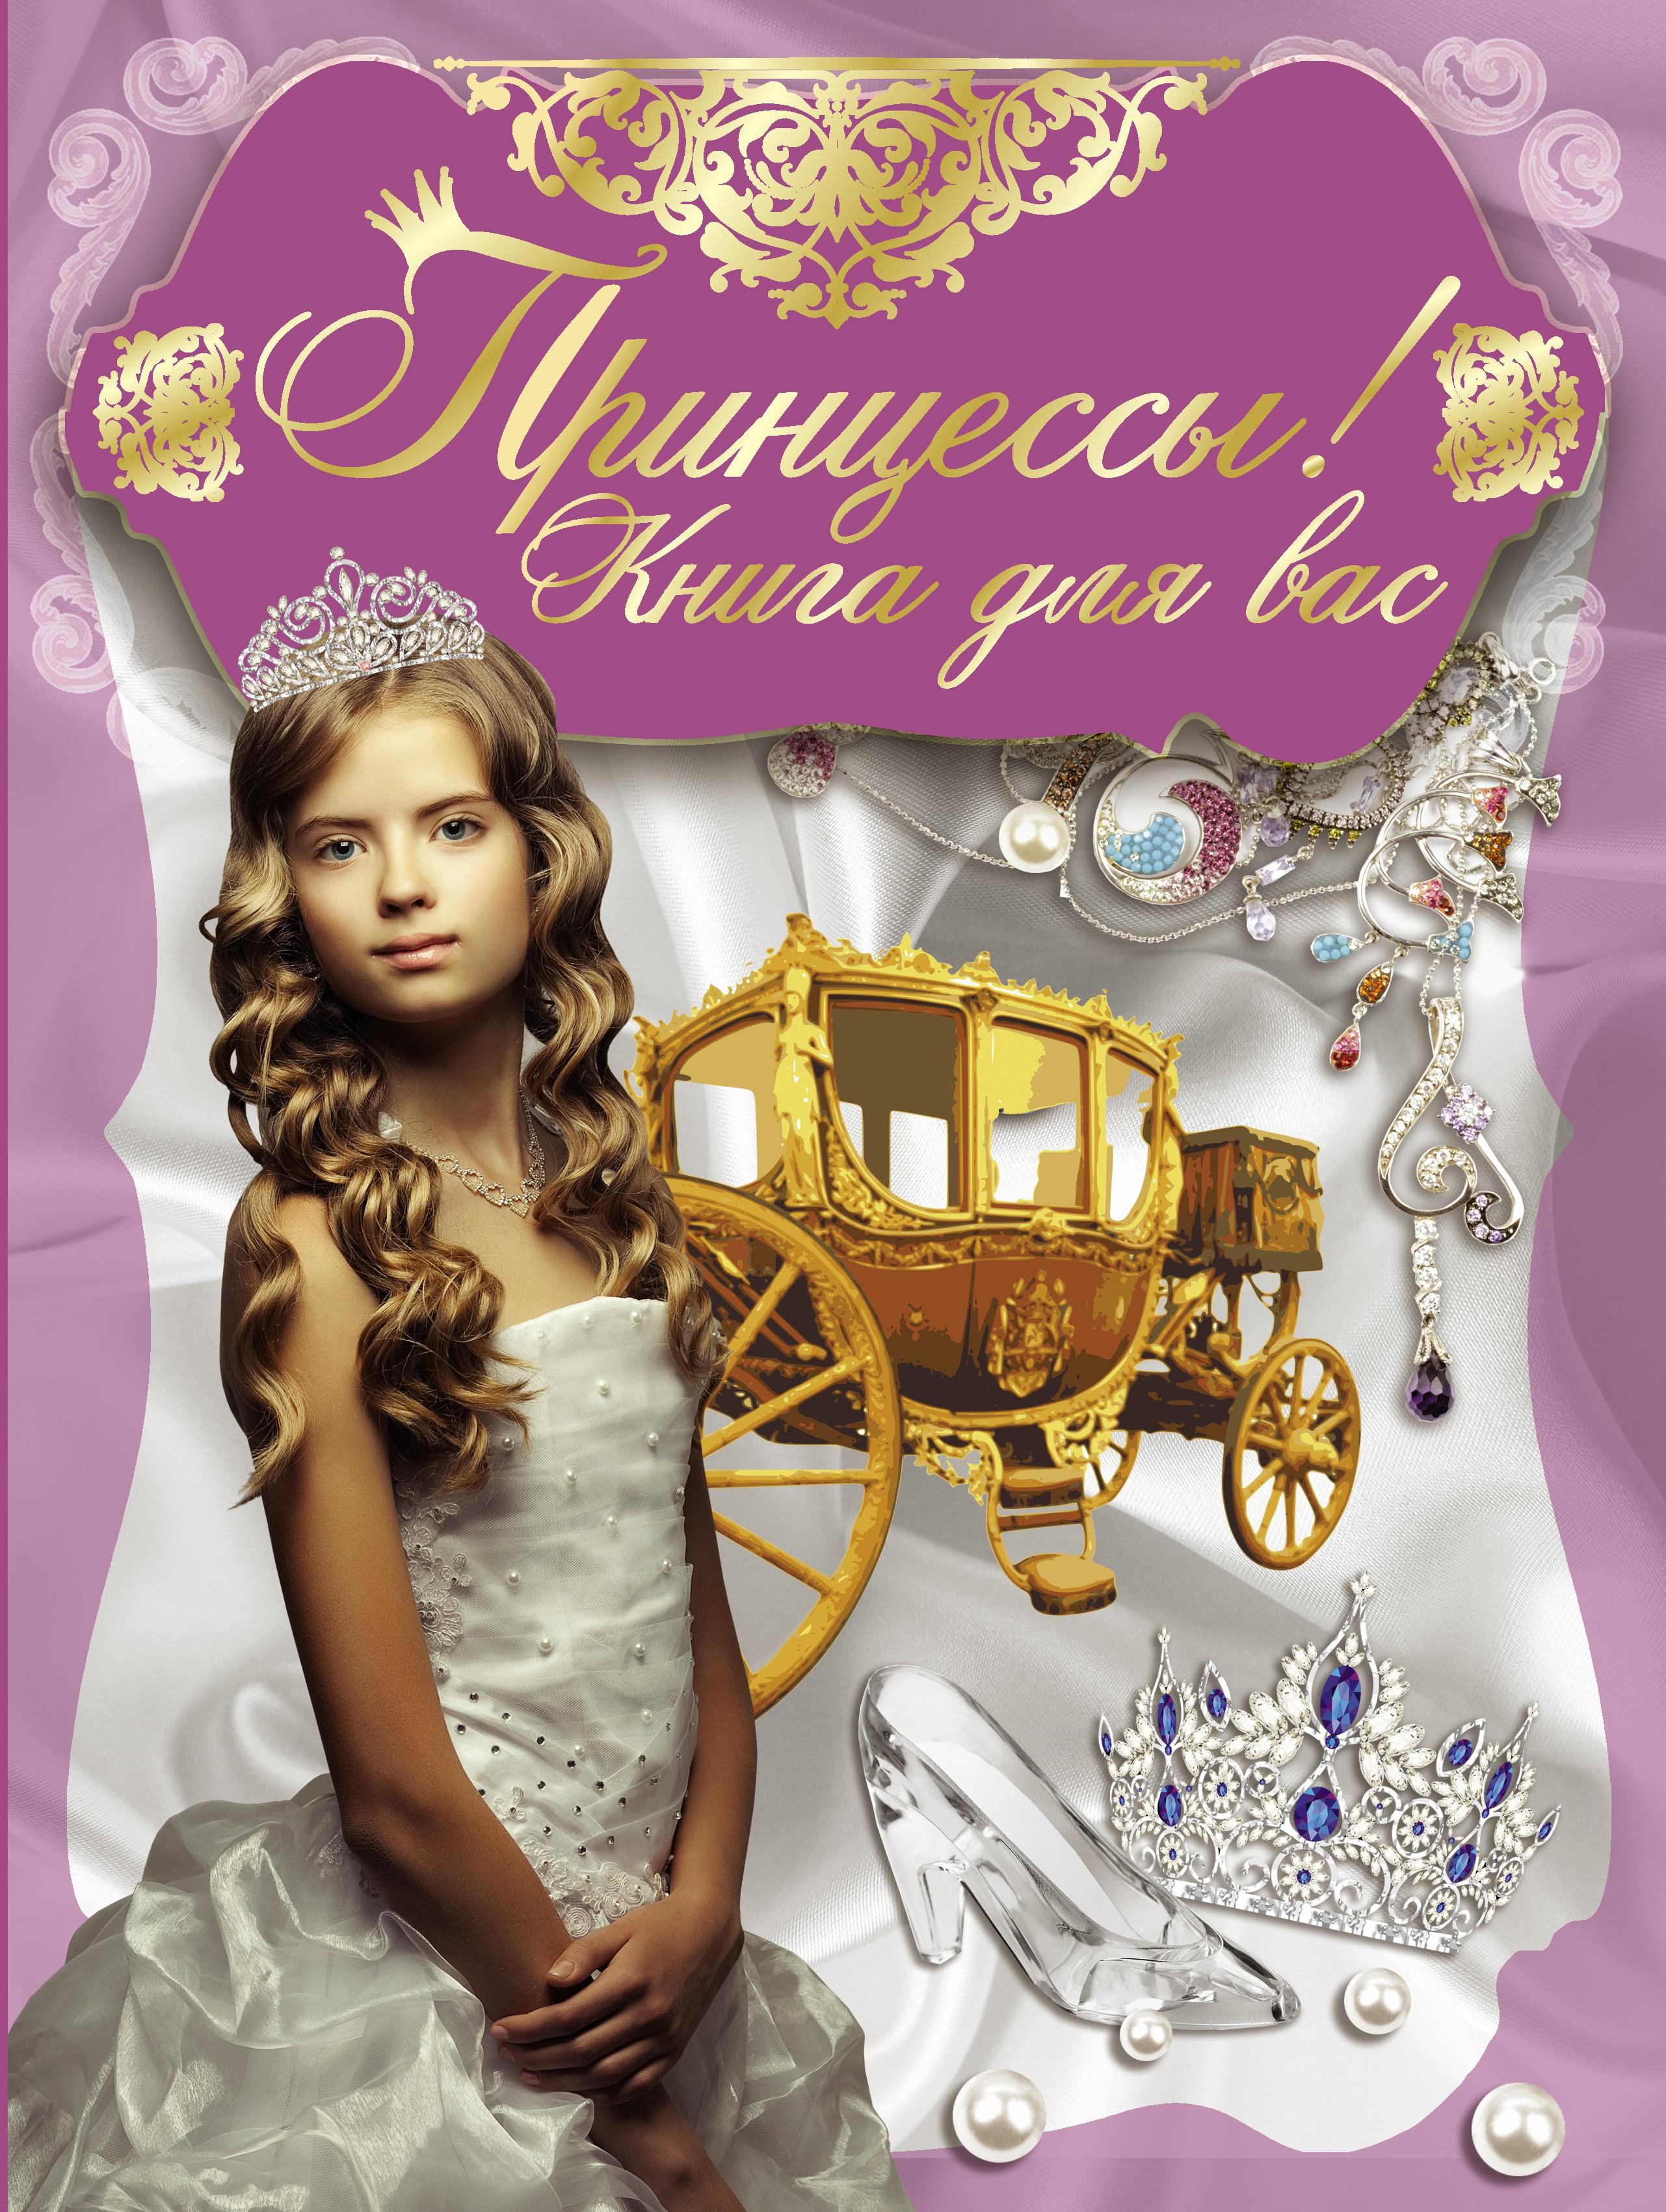 Купить со скидкой Принцессы, книга для вас!